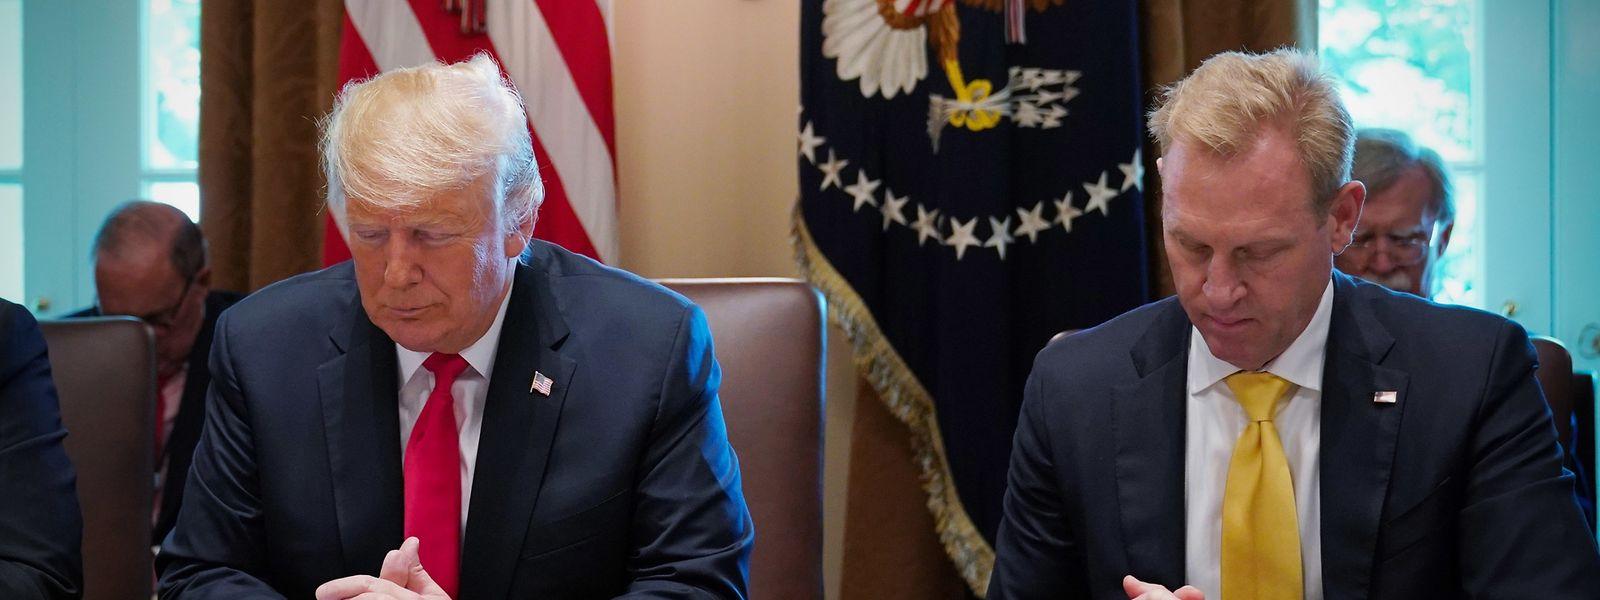 In diesem Bild vom 16. August 2018 in Washington DC, neigen US-Präsident Donald Trump und der bisherige stellvertretende Verteidigungsminister Patrick Shanahan die Köpfe im Gebet vor dem Beginn einer Kabinettssitzung.